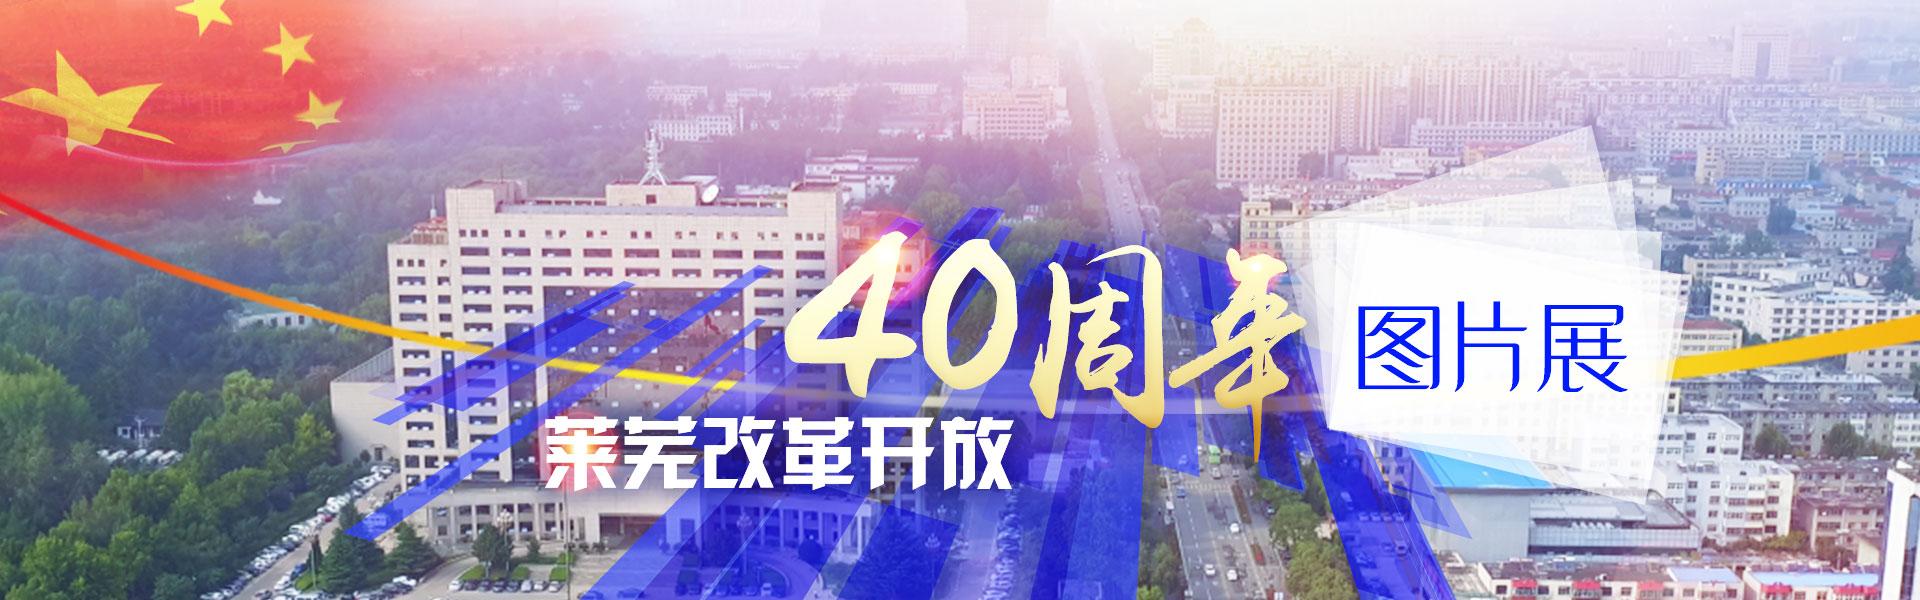 莱芜改革开放四十周年图片展